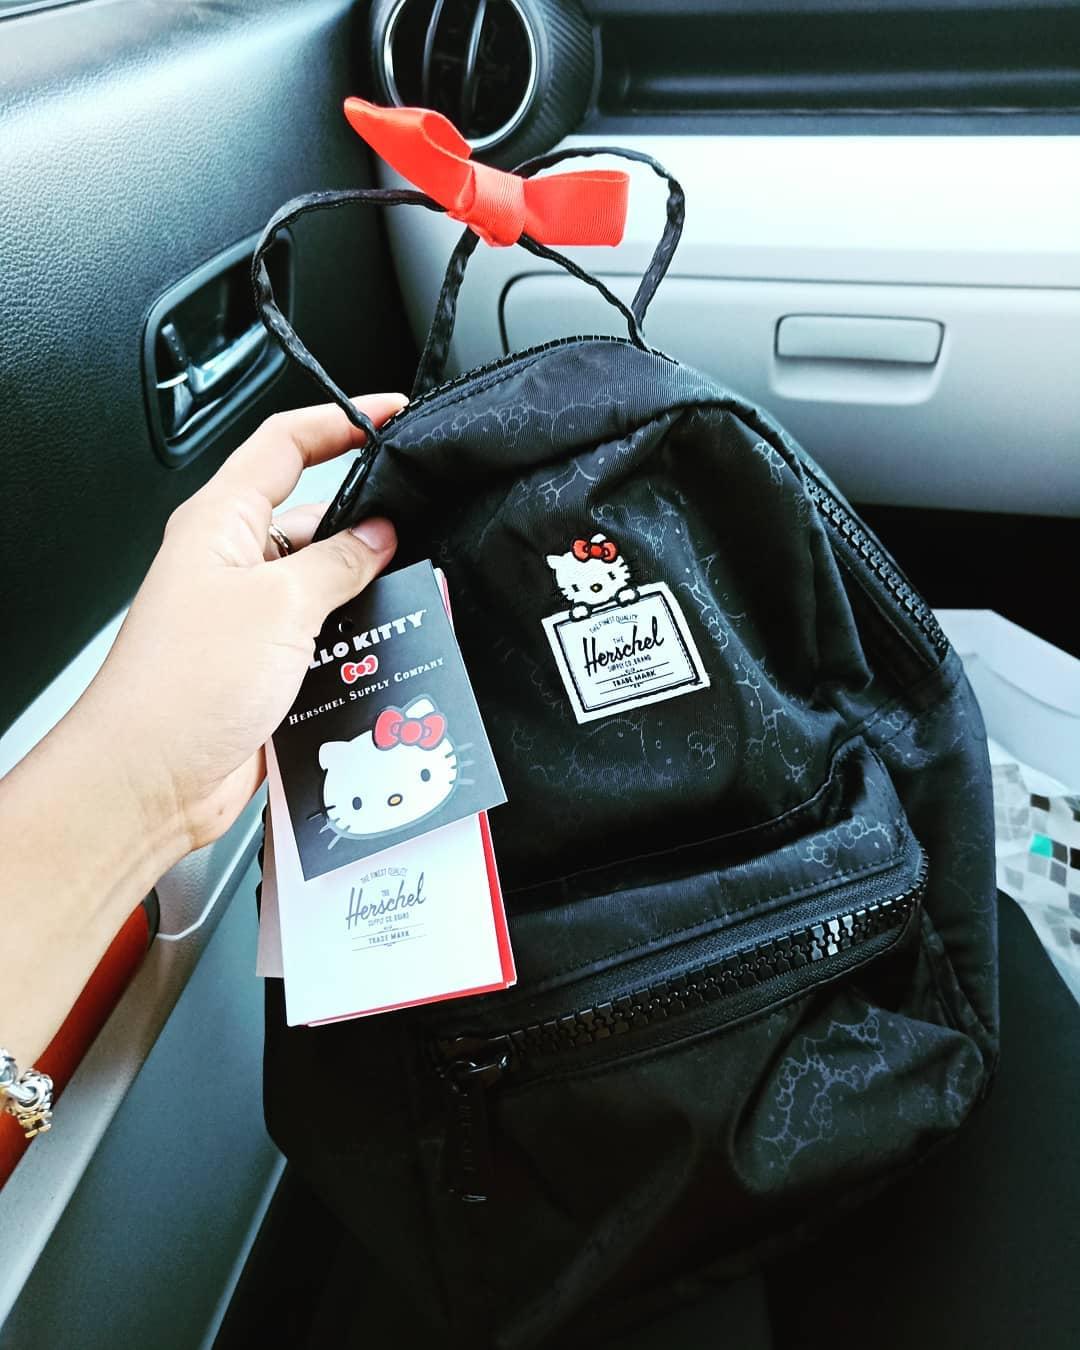 Taobao 11.11 Sale 2019 Herschel X Hello Kitty backpack